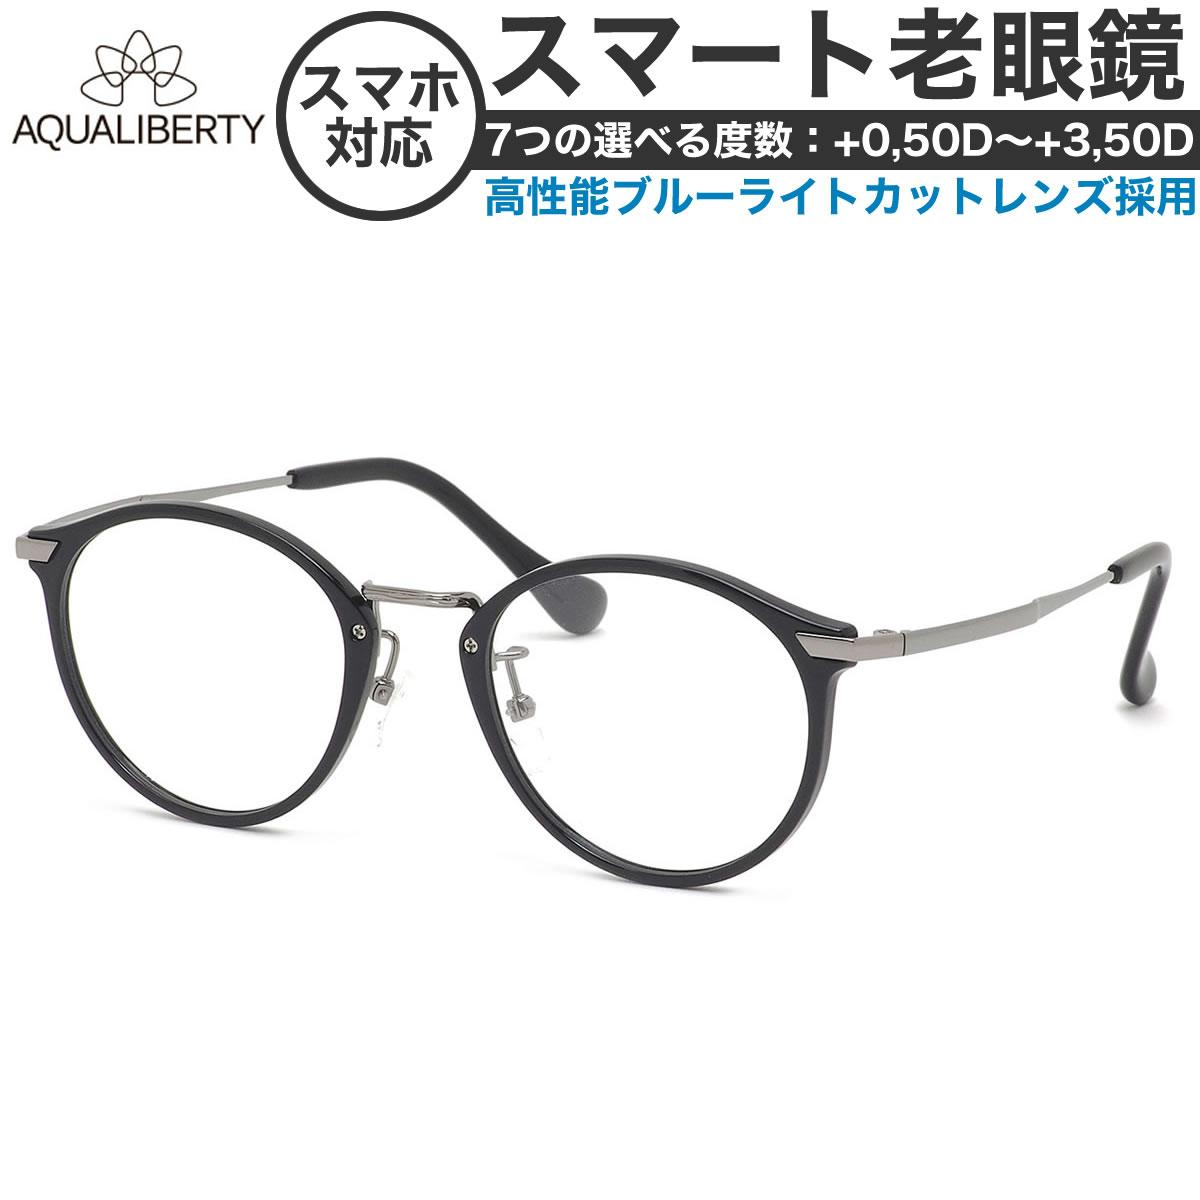 ほぼ全品ポイント15倍~最大43倍+3倍!お得なクーポンも! アクアリバティ スマート老眼鏡 +0.50~+3.50 非球面 紫外線カット ブルーライトカット AQUALIBERTY AQ22503 BK 48サイズ  日本製 メイドインジャパン MADE IN JAPAN ベータチタン [OS]